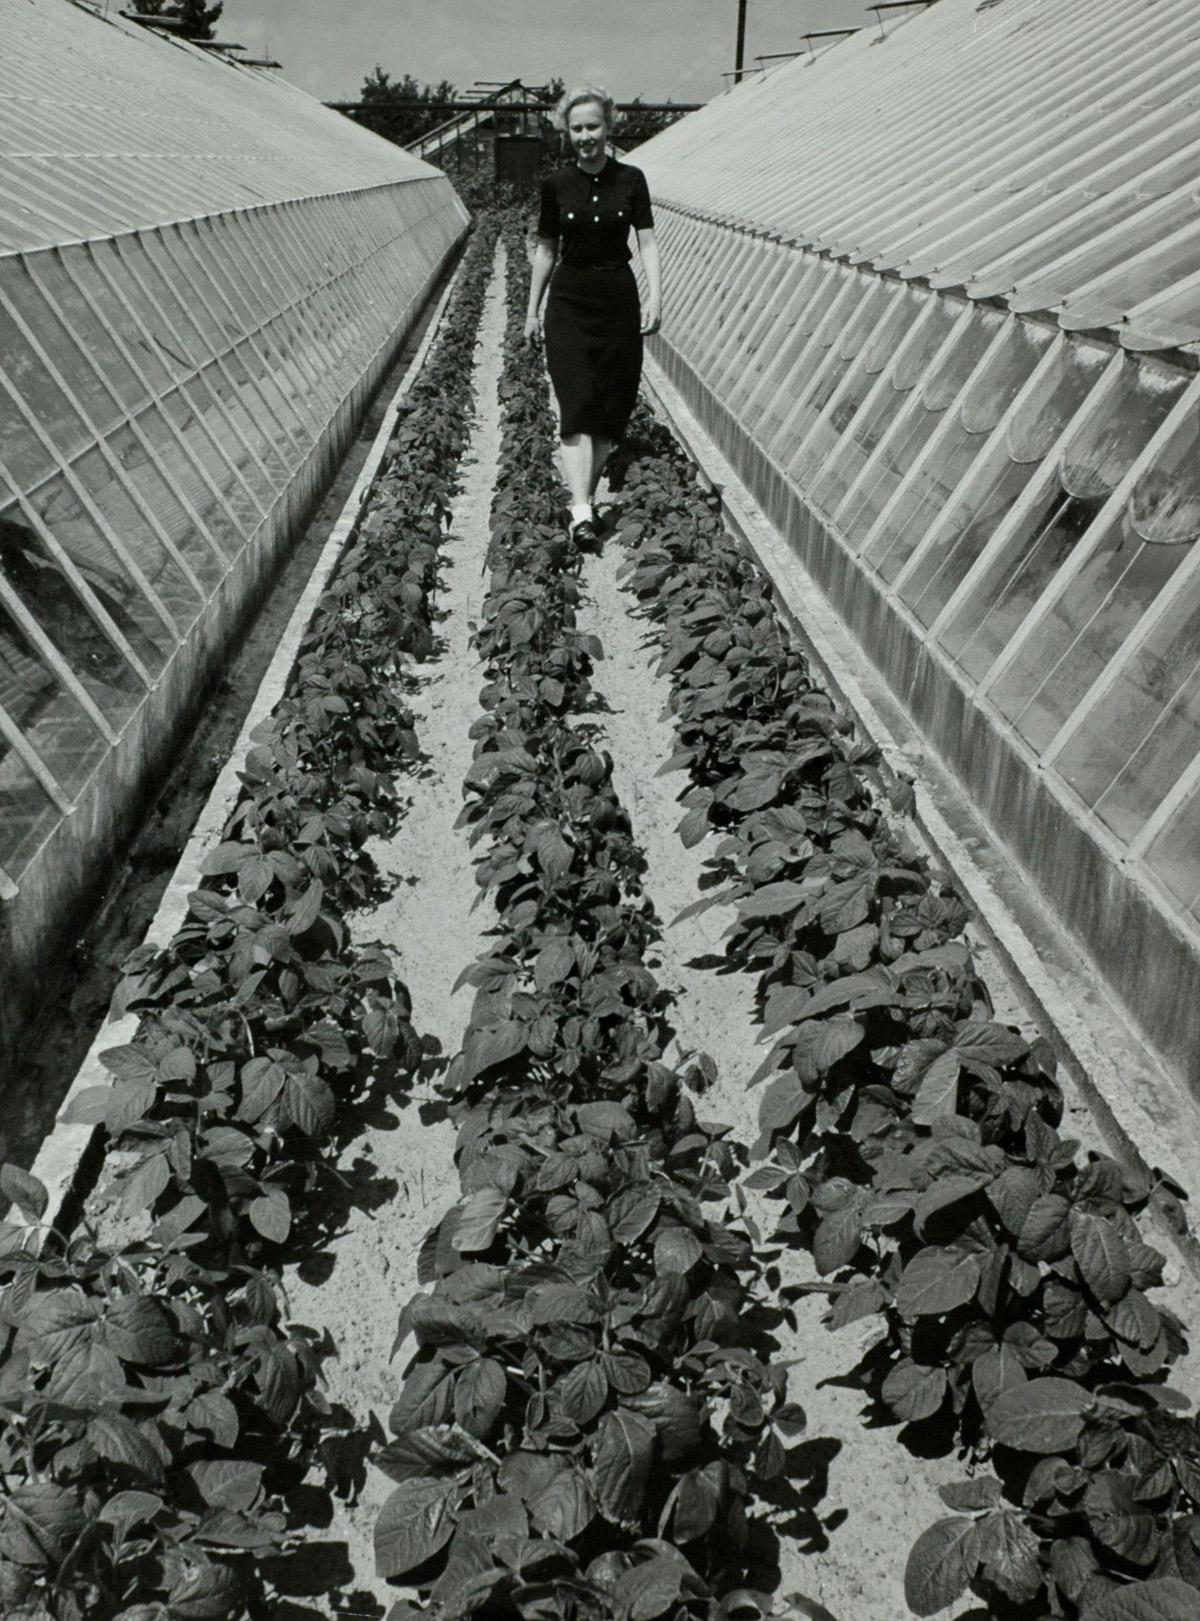 Groentekwekerij in Westland: sojabonen tussen de kassen